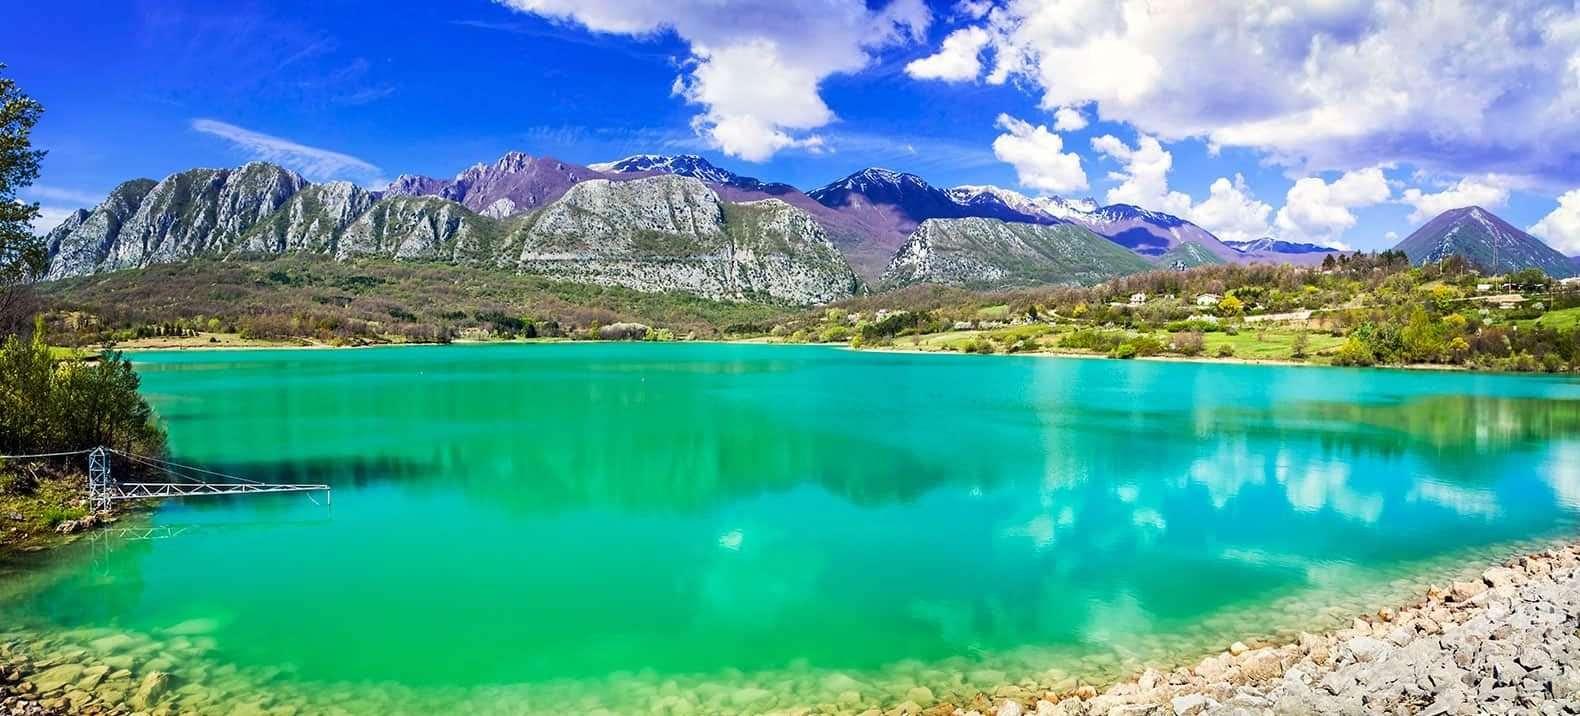 Il lago di Castel San Vincenzo - ©-Vaghis - viaggi & turismo Italia - Tutti i diritti riservati